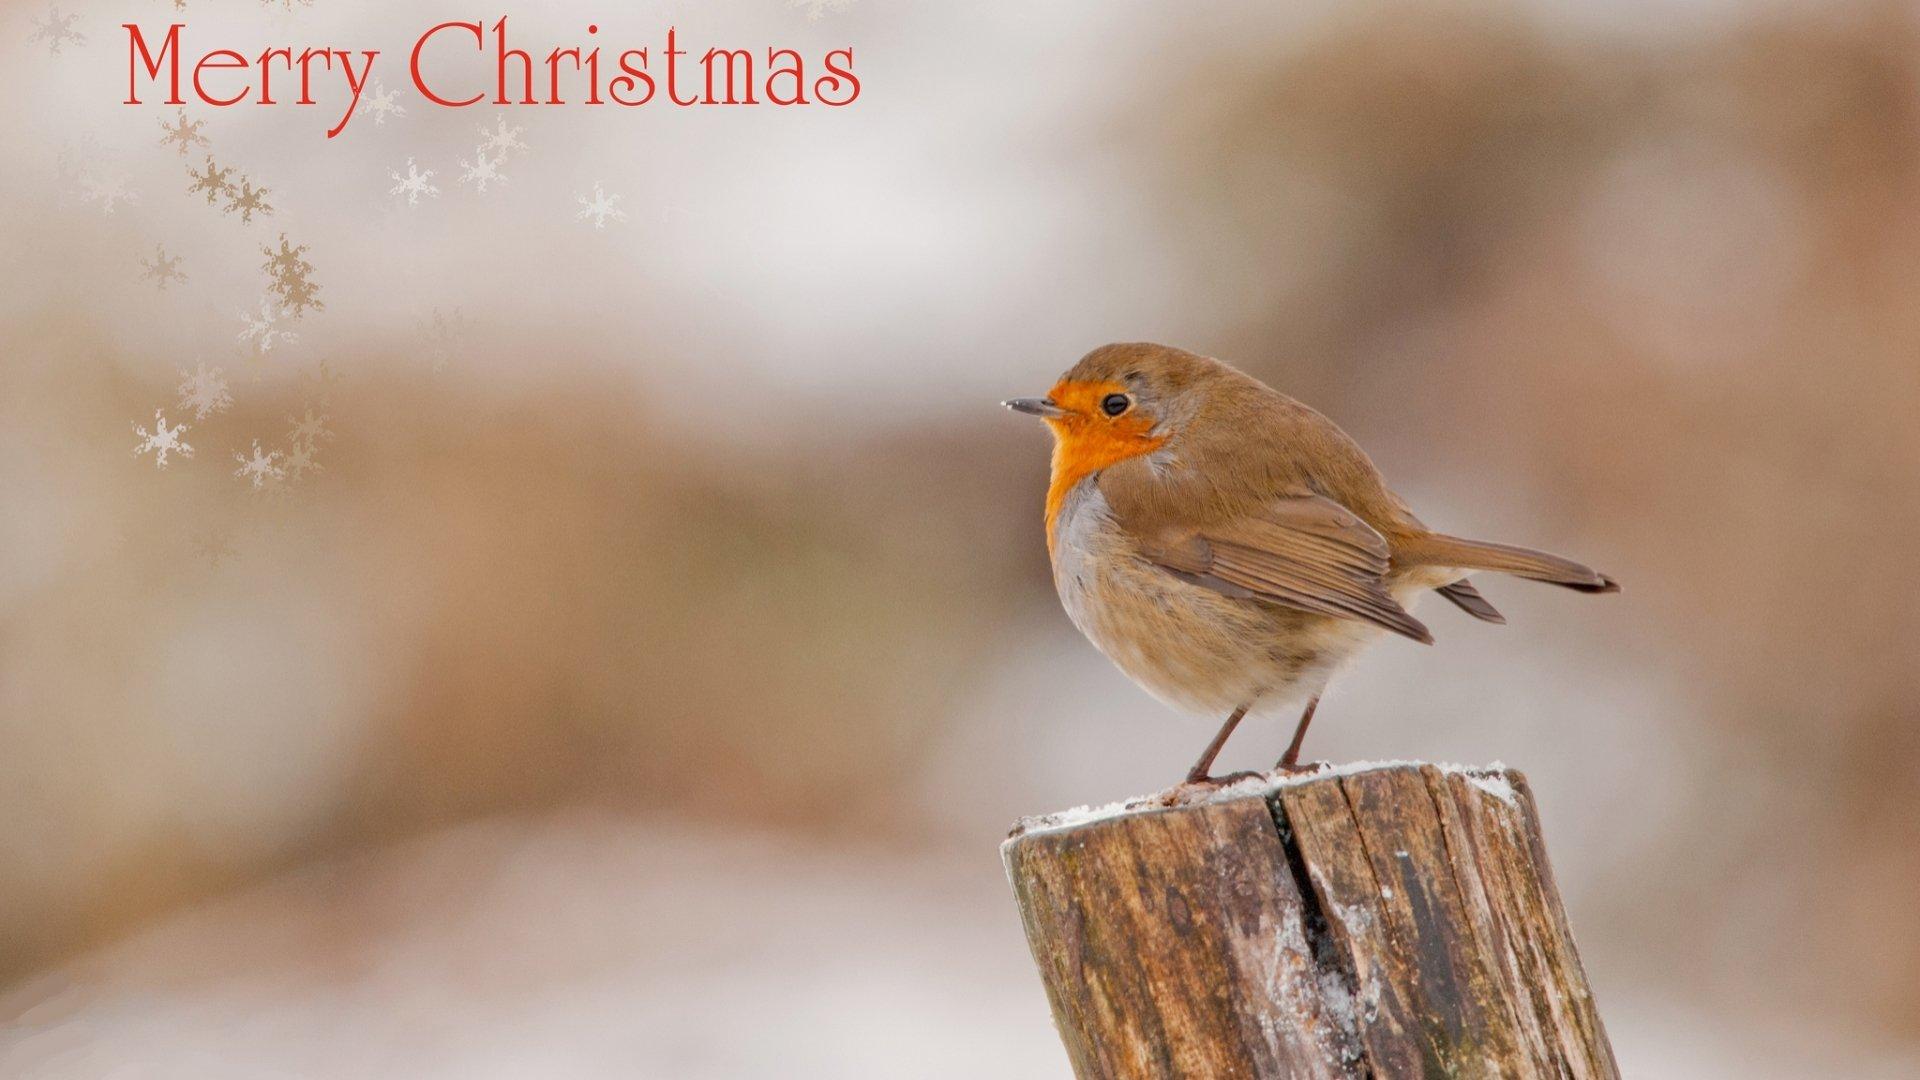 Holiday - Christmas  Merry Christmas Wallpaper